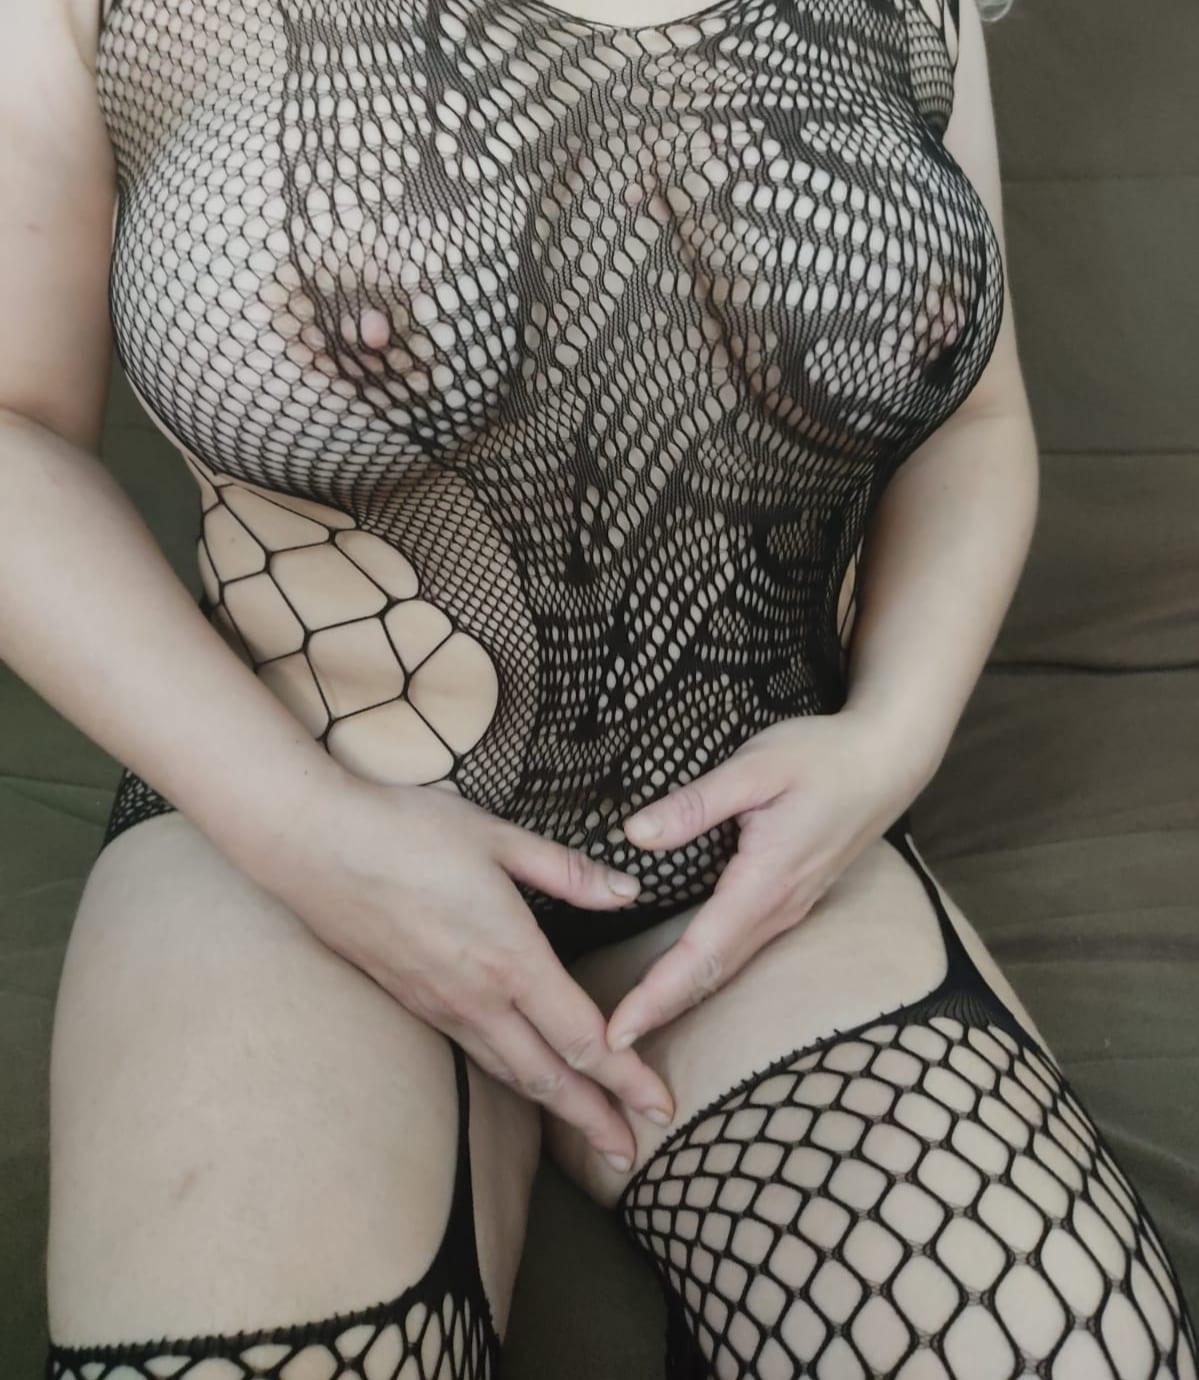 בלה-בחורה סקסית בבית ים